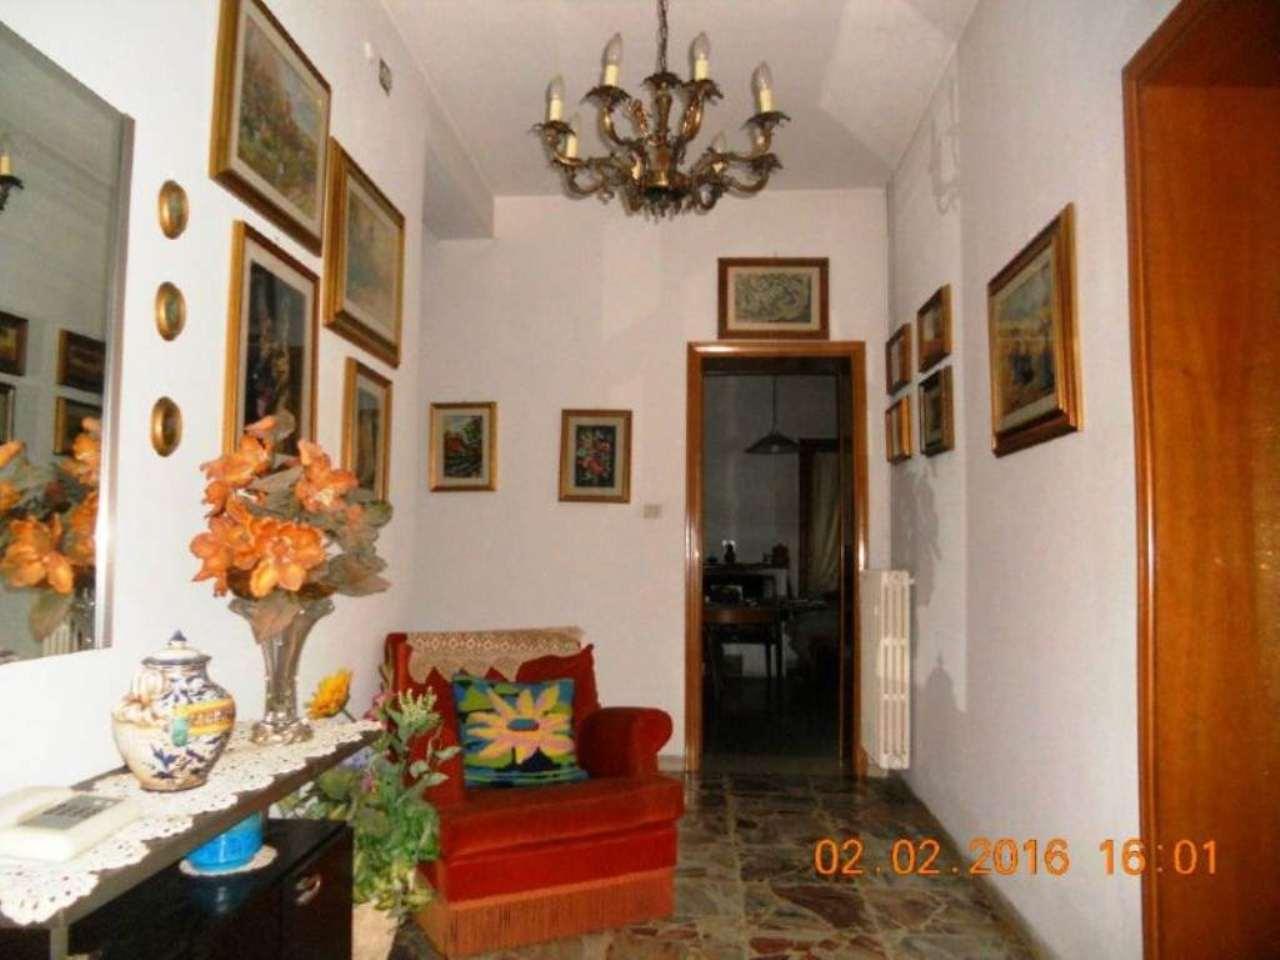 Palazzo / Stabile in vendita a Casciana Terme Lari, 9 locali, prezzo € 250.000 | CambioCasa.it